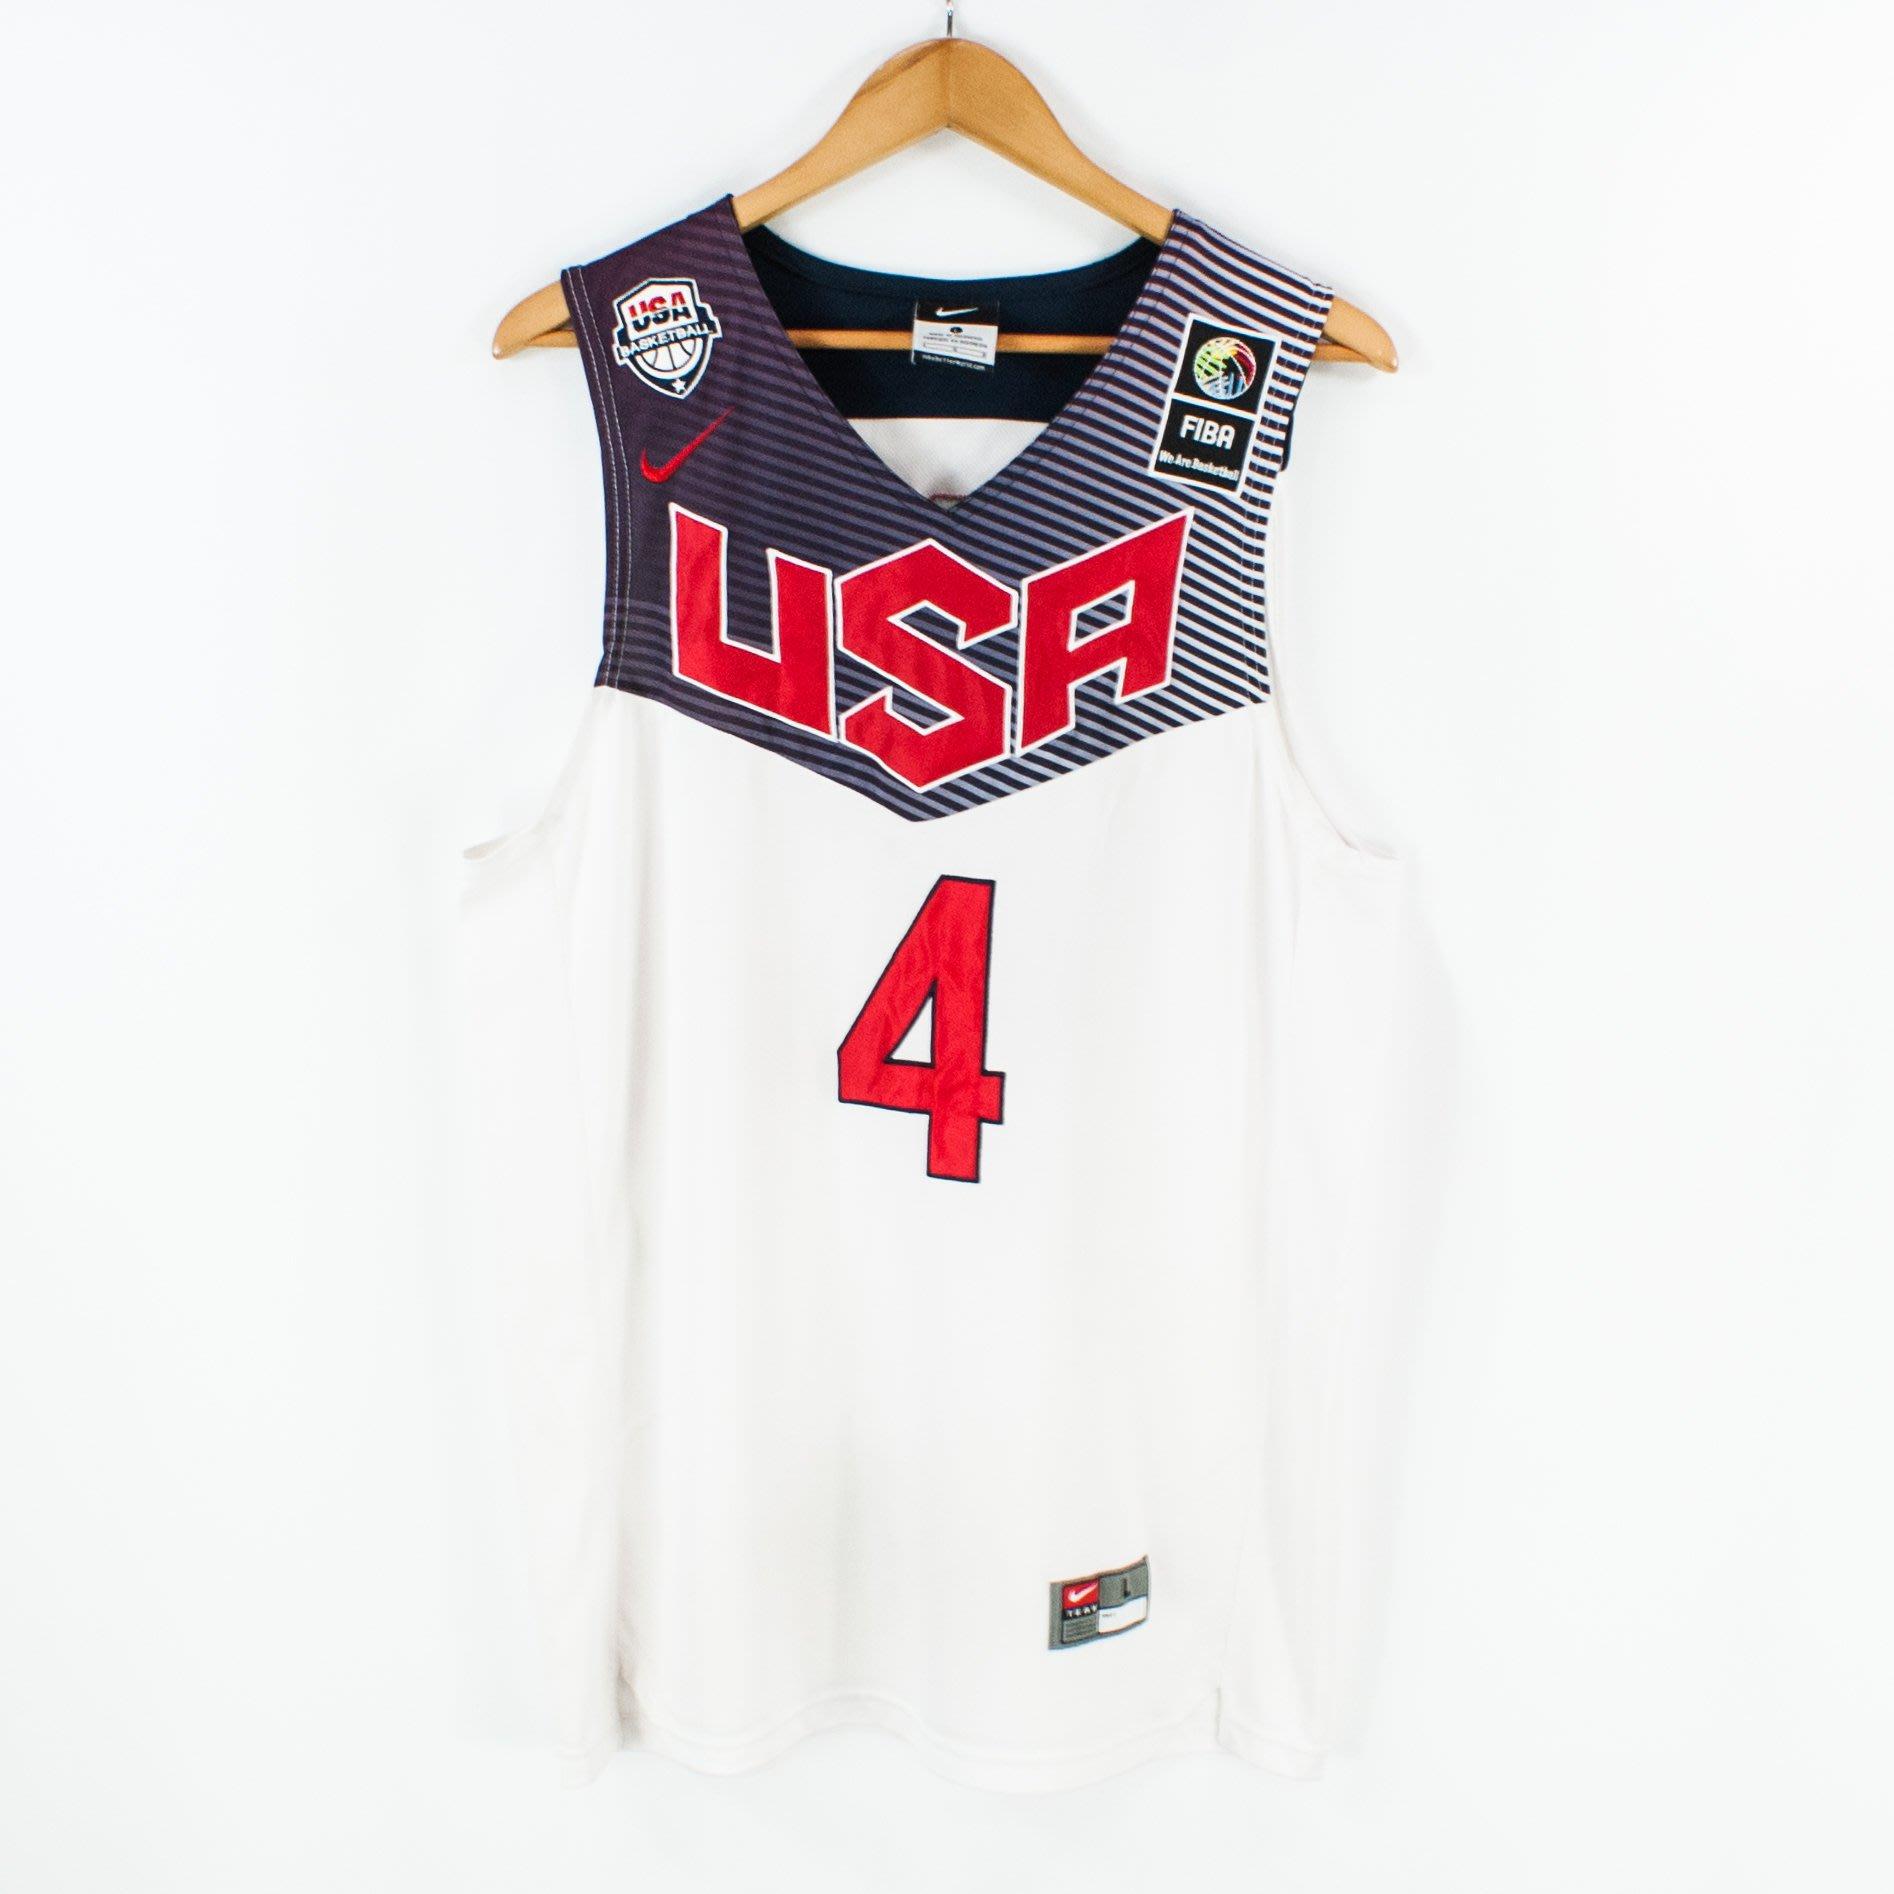 【品牌競區】絕版 NIKE FIBA 2014 美國國家隊 / CURRY / 籃球背心 / L號 ~ 5G37